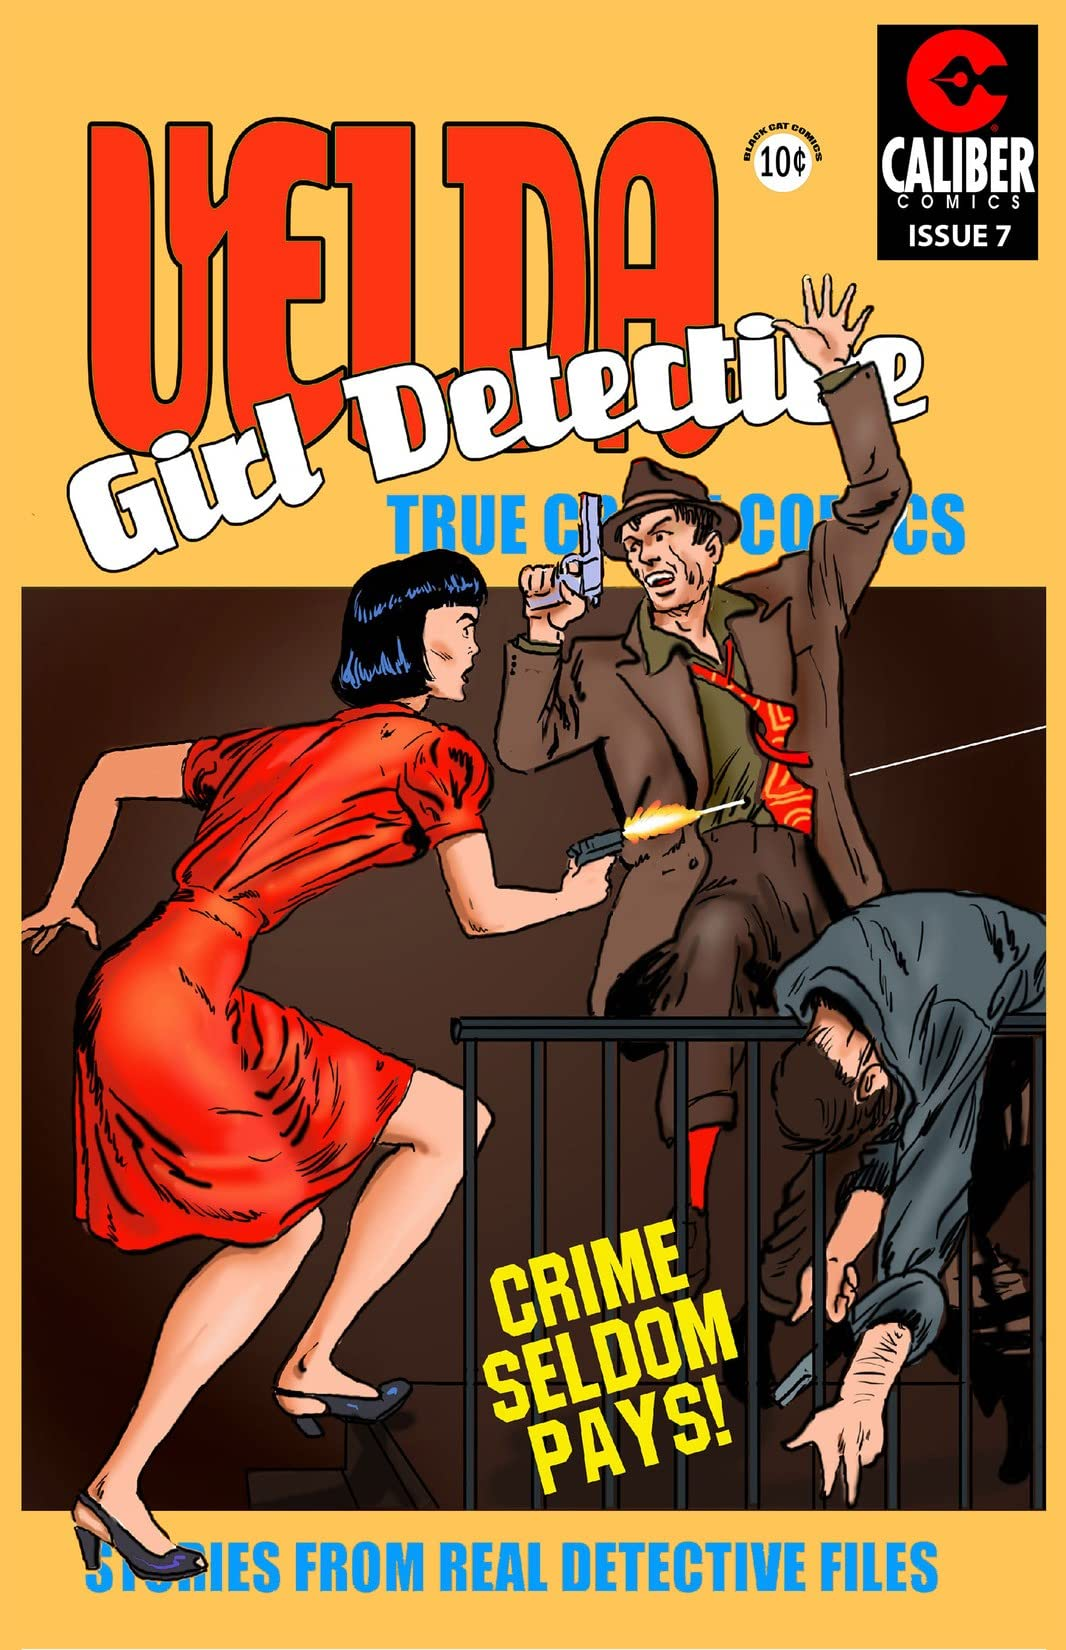 Velda: Girl Detective #7